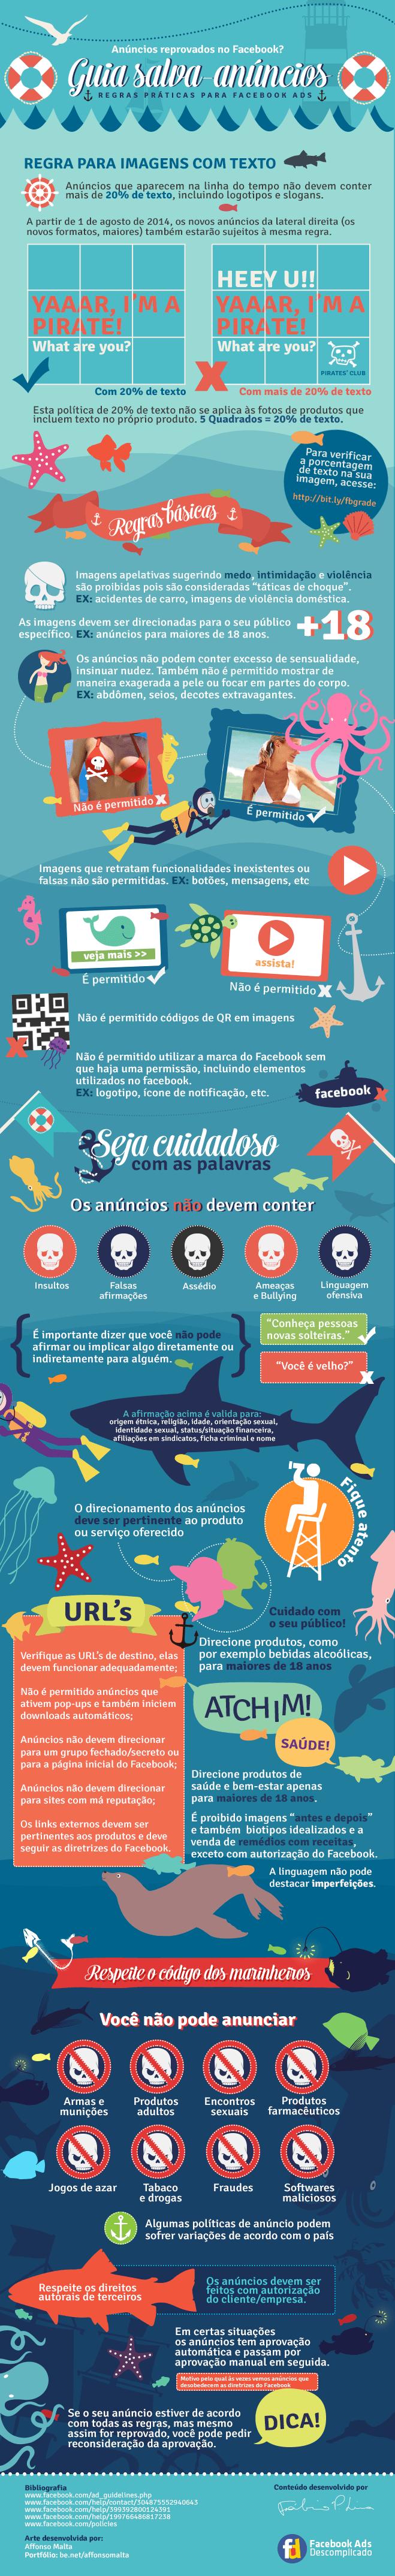 infografico-guia-salva-anuncios-facebook